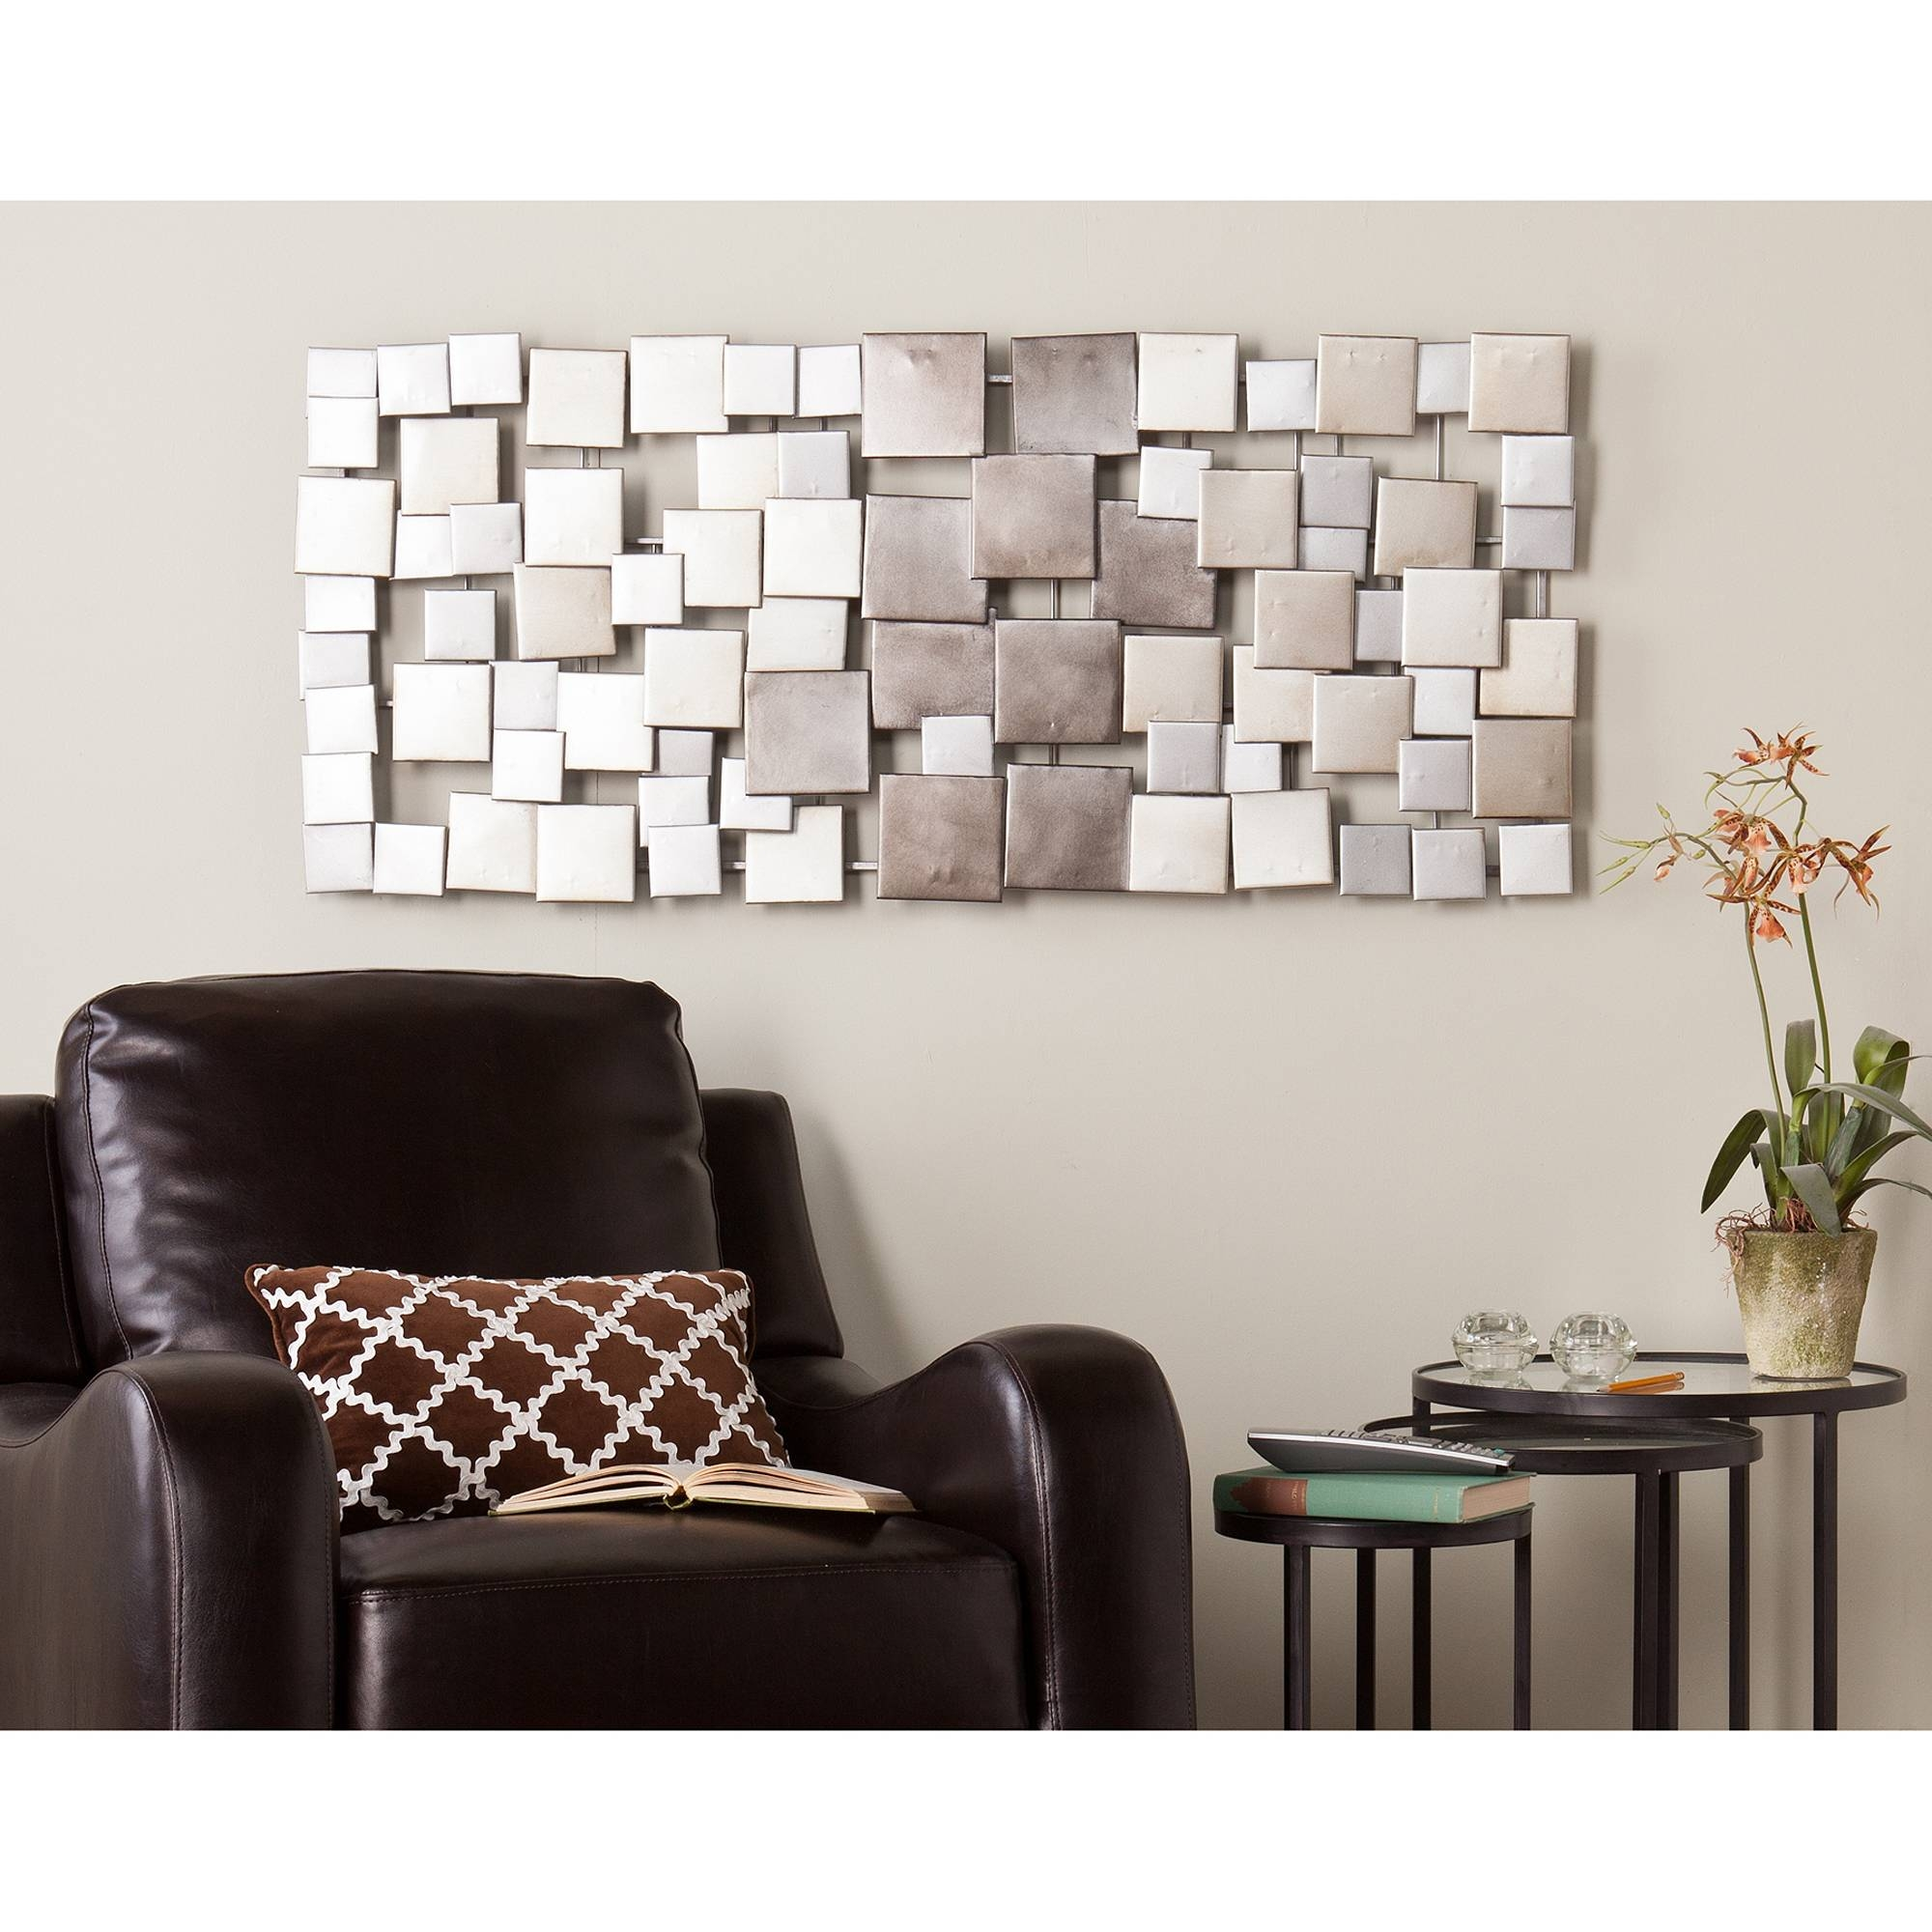 Metal Wall Art – Walmart Inside Most Popular Vertical Metal Wall Art (View 16 of 20)